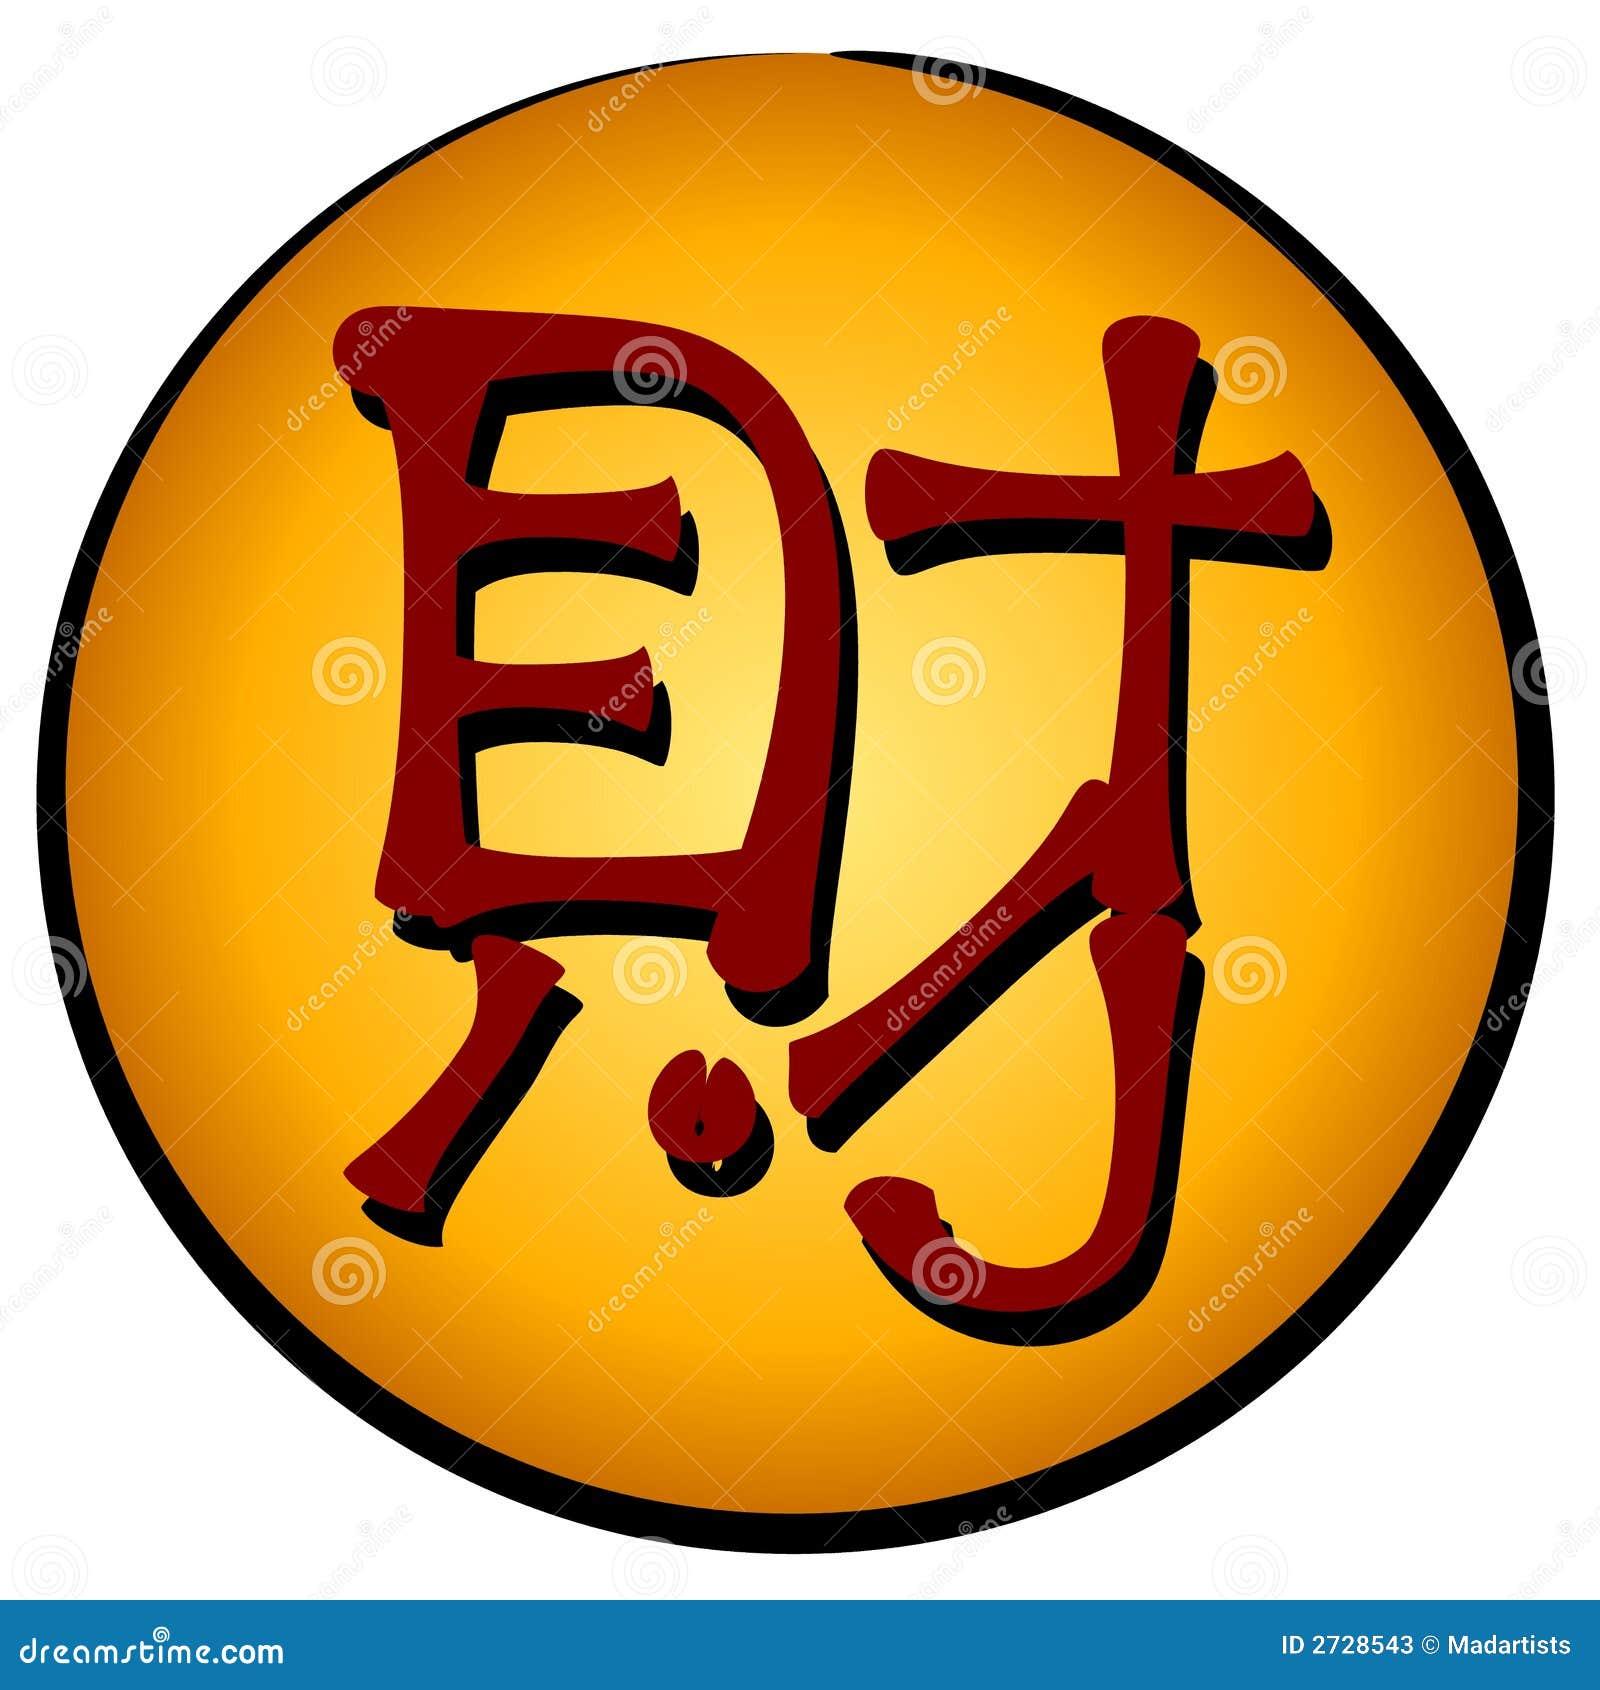 Chinese money symbol cai stock illustration illustration of chinese money symbol cai buycottarizona Images